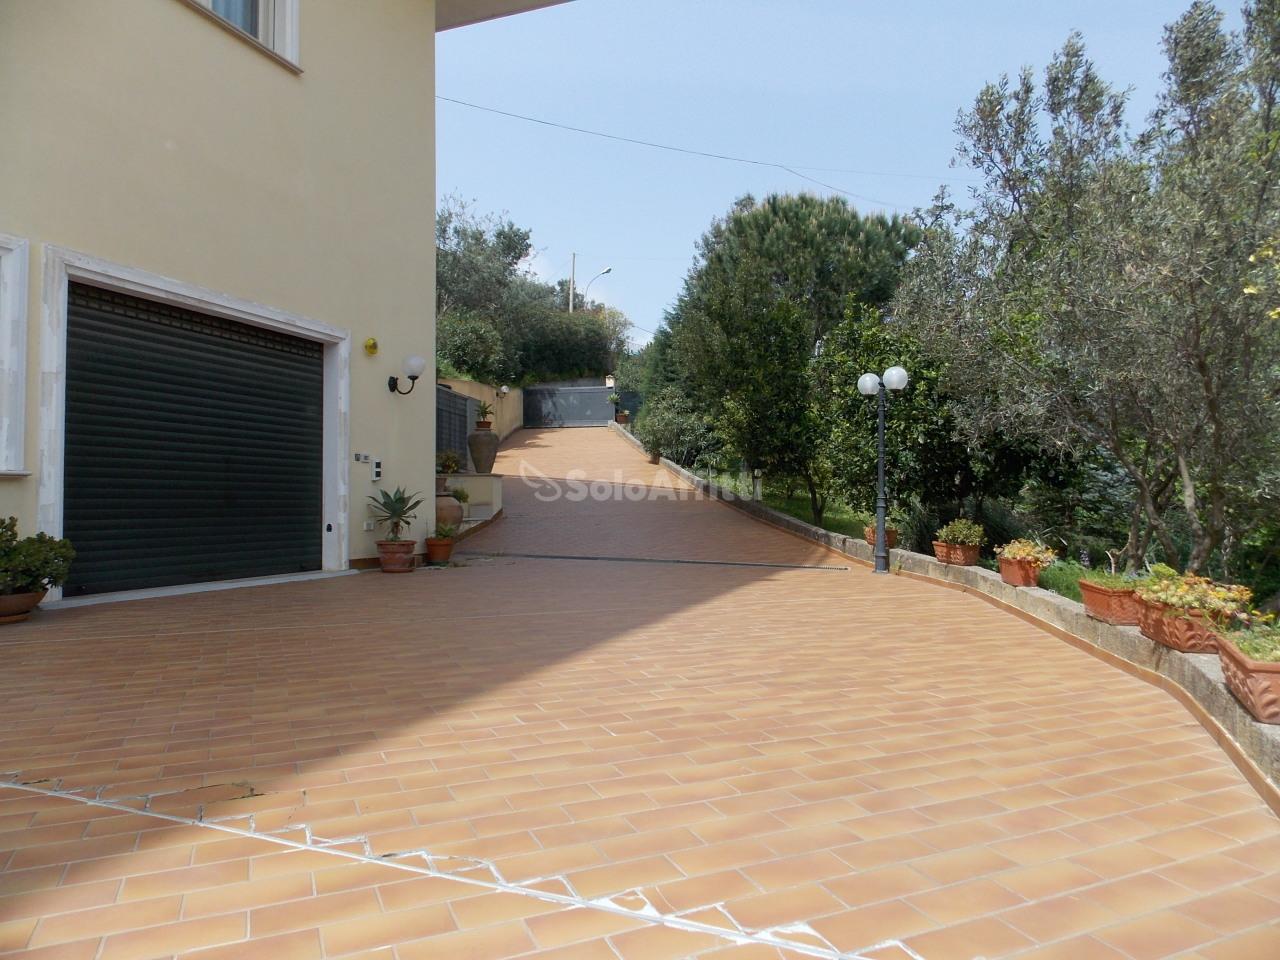 Fondo/negozio - 4 vetrine/luci a Siano, Catanzaro Rif. 4133835